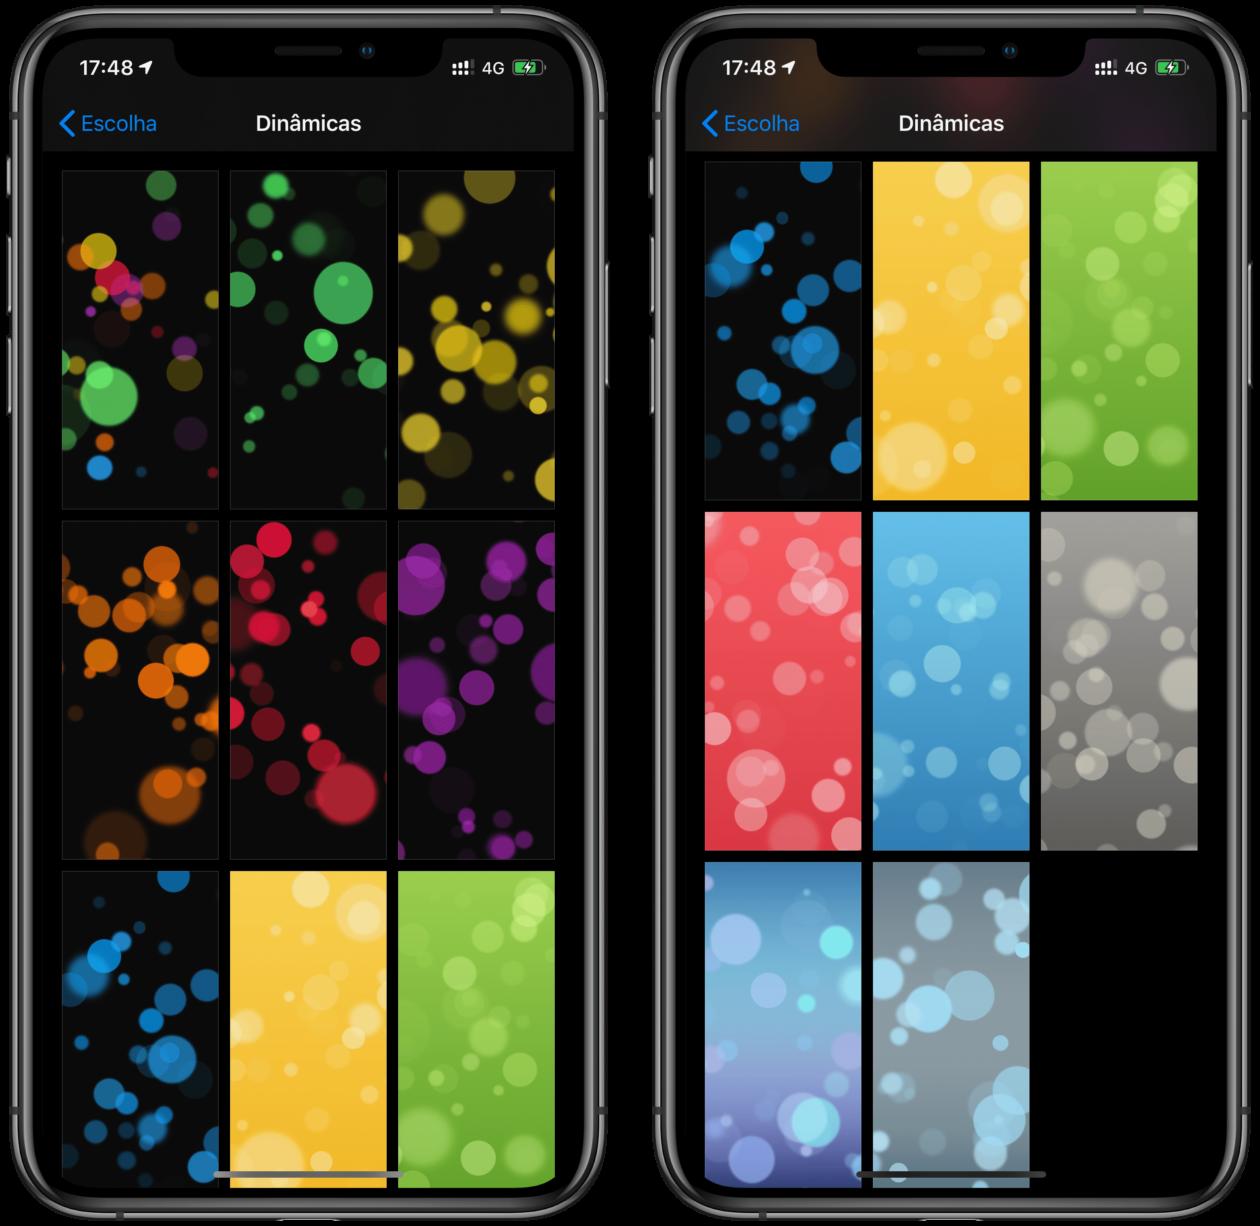 Papéis de parede dinâmico no iOS 13.1